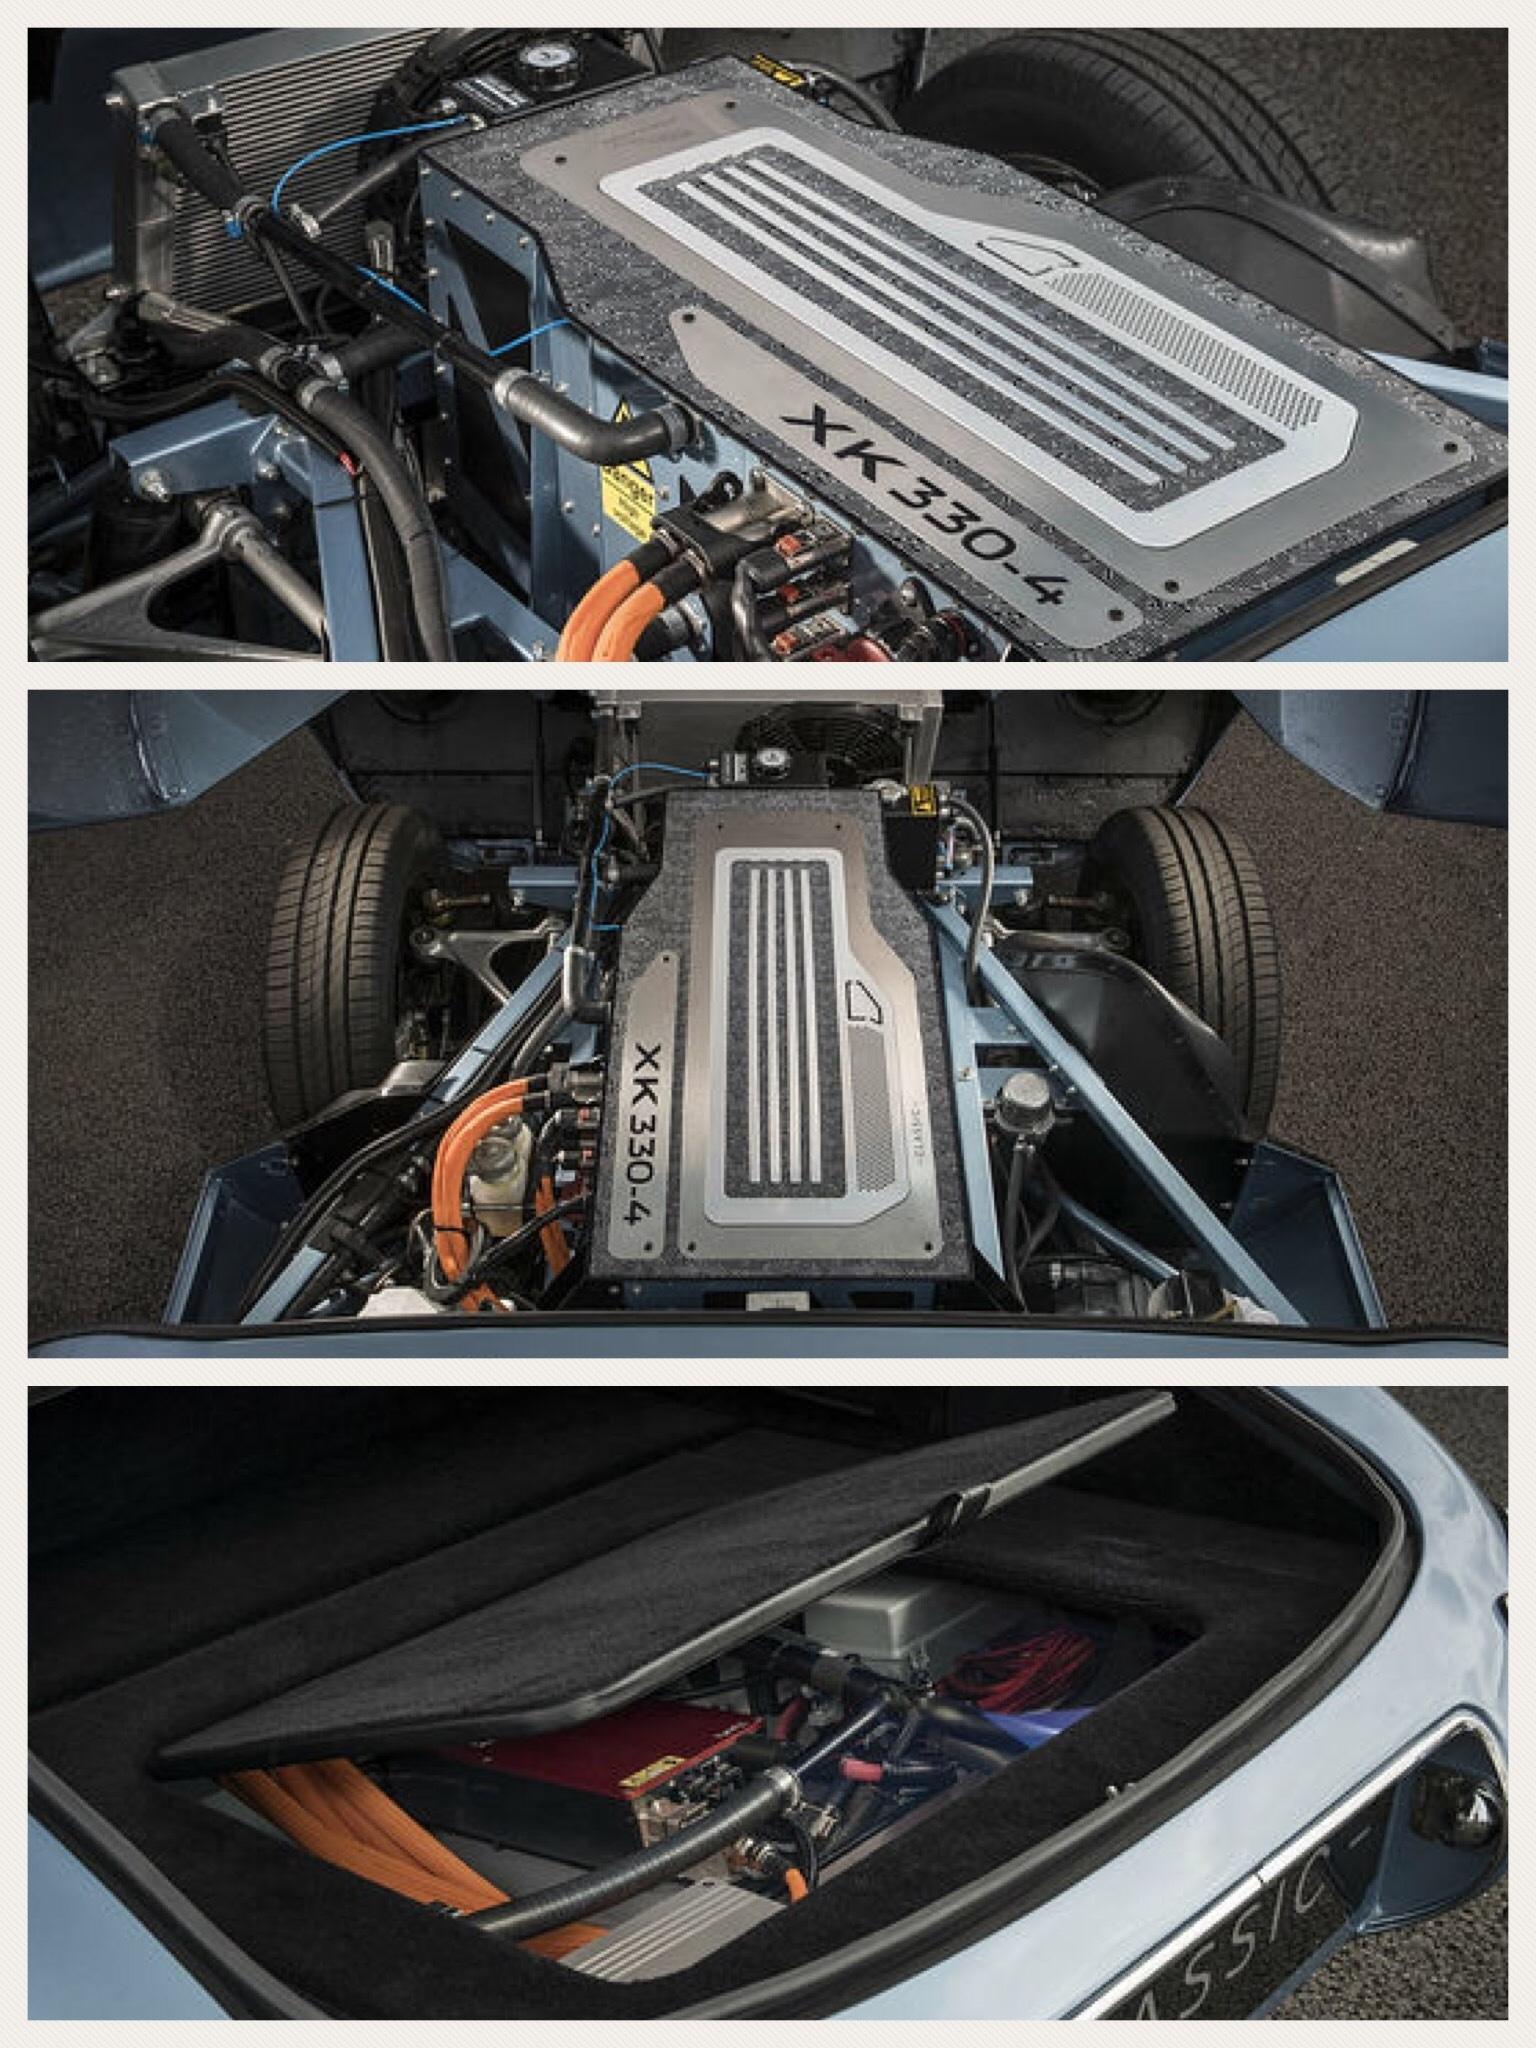 ジャガー ランドローバー E-TYPE ZERO EV レトロ 電気自動車